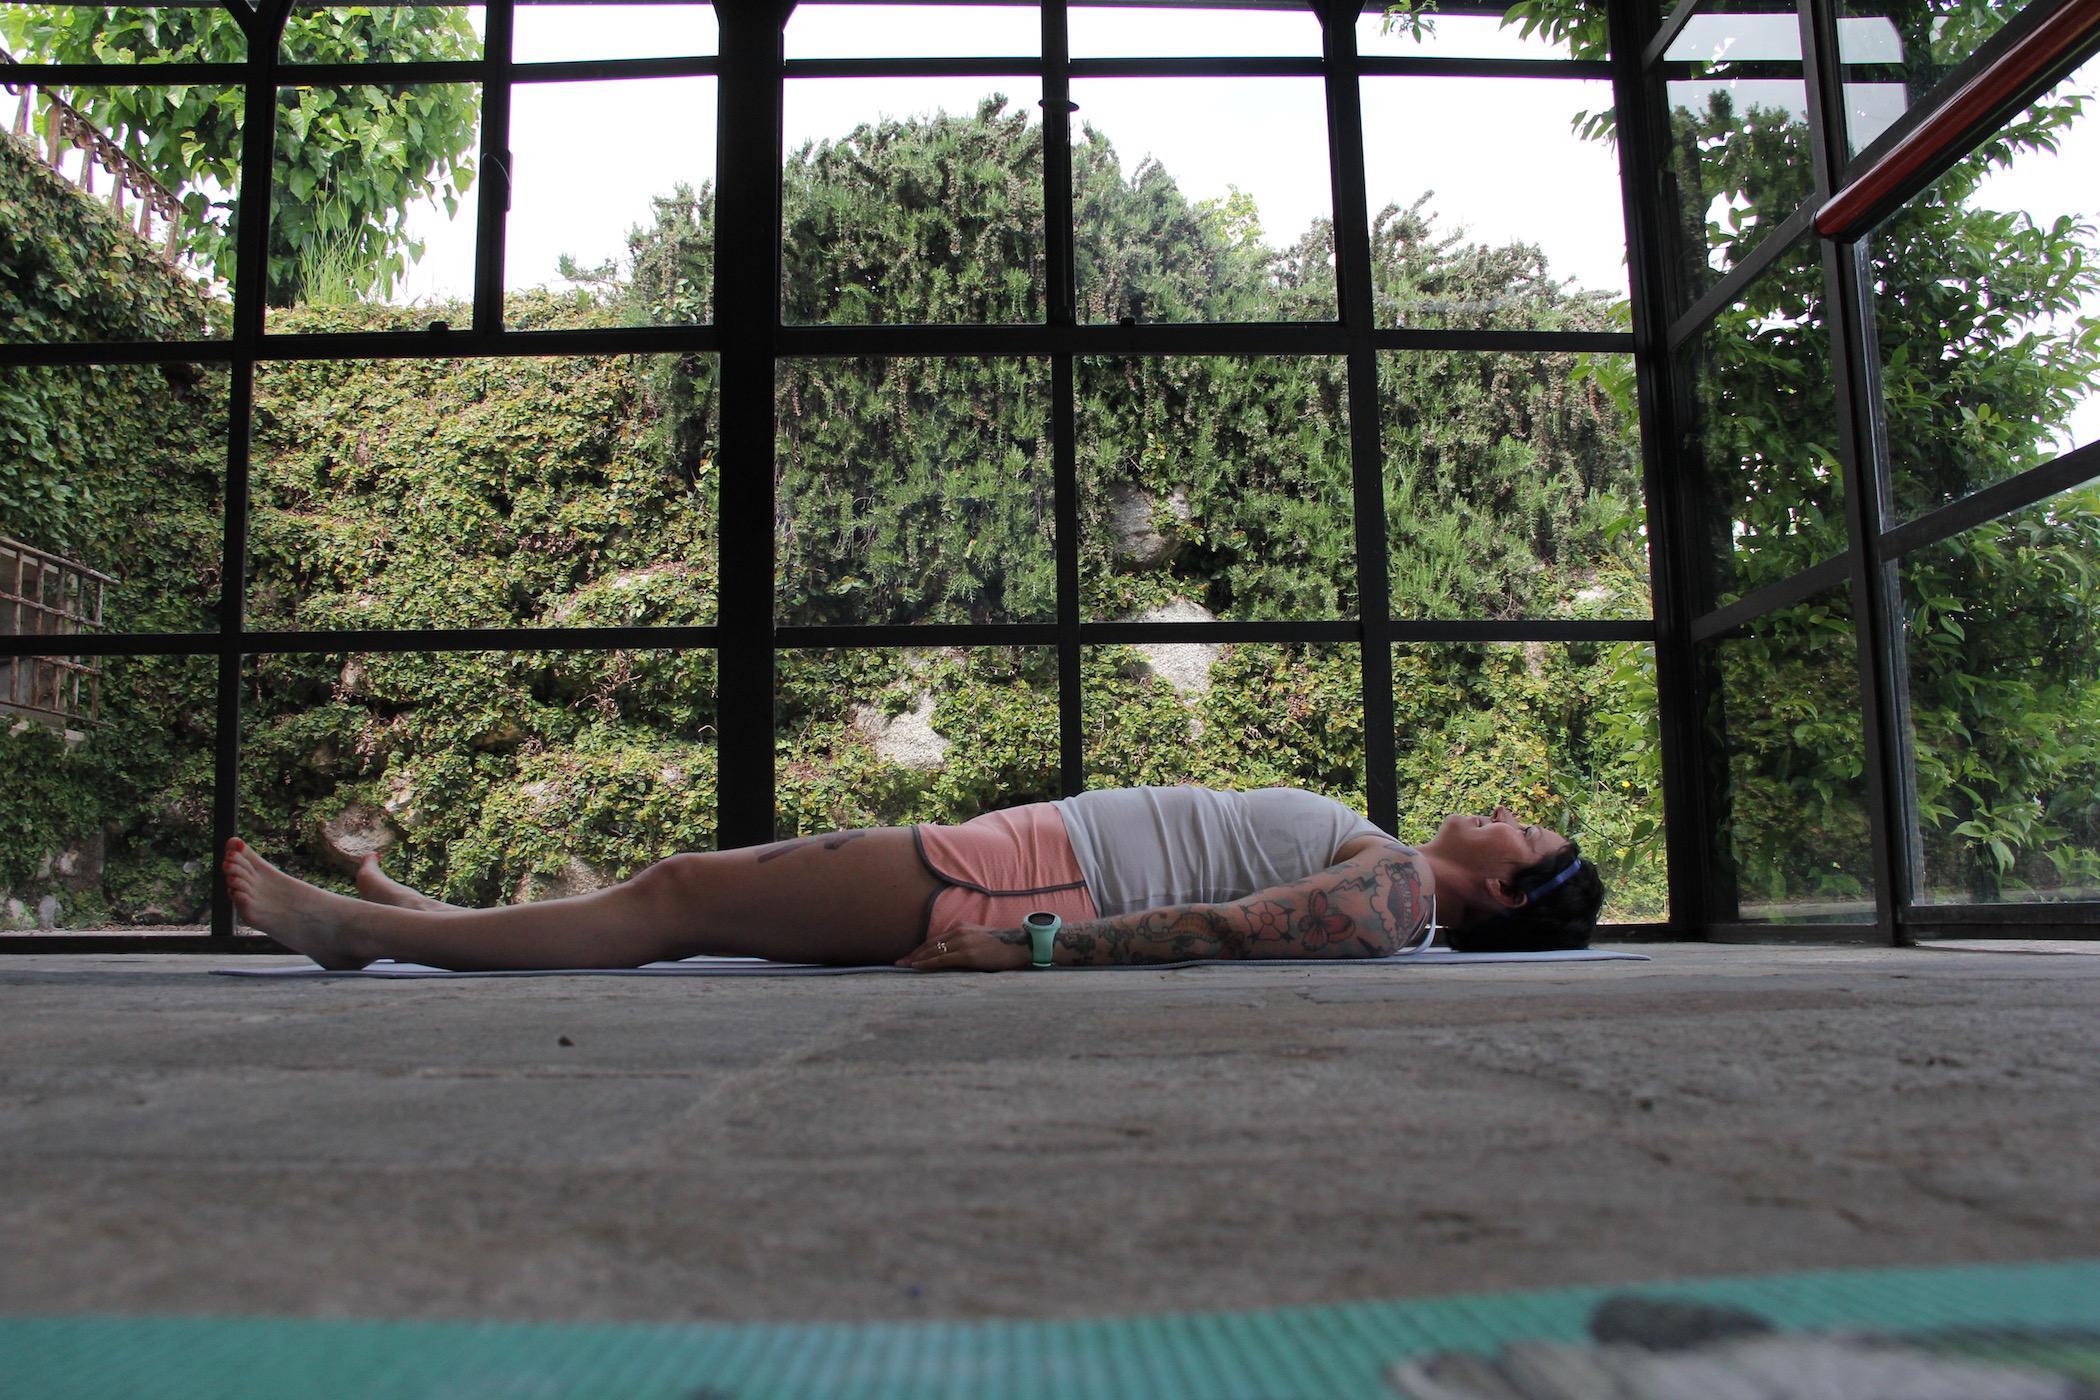 Viikko joogaleirillä – olo kuin jyrän alle jääneellä